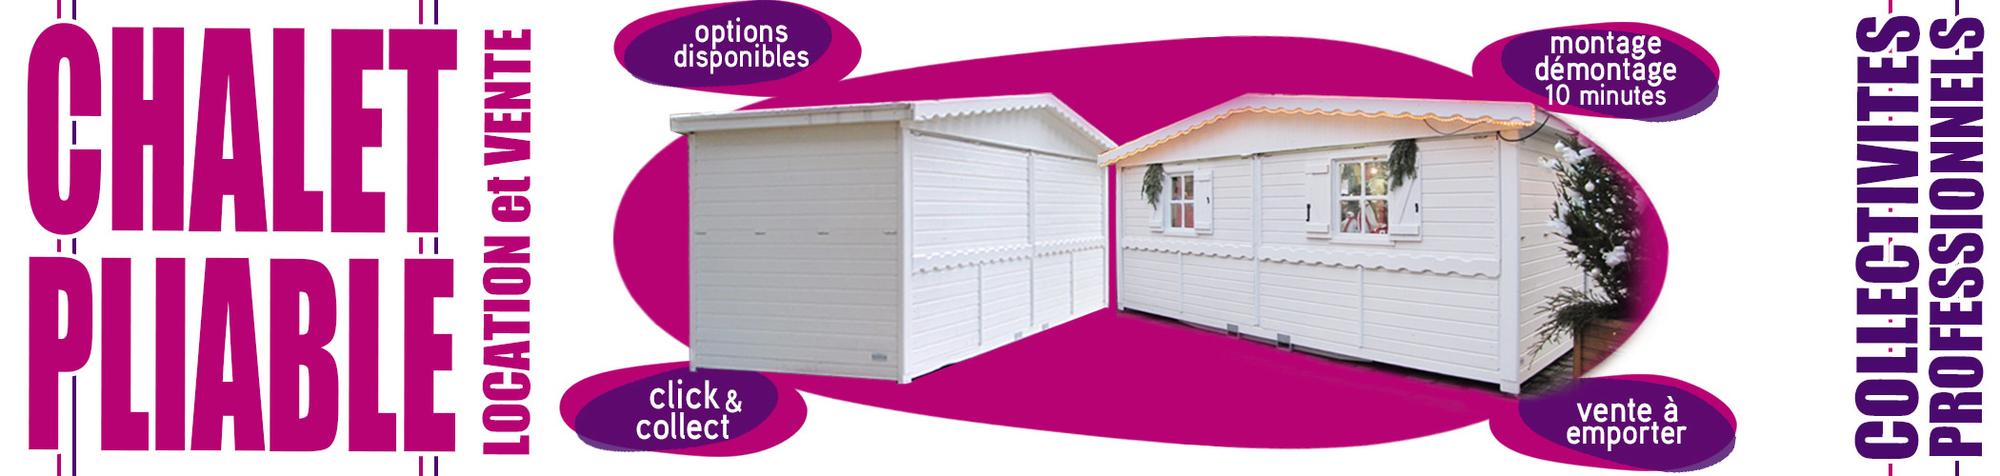 Chalets pliables intérieur extérieur en location et à la vente